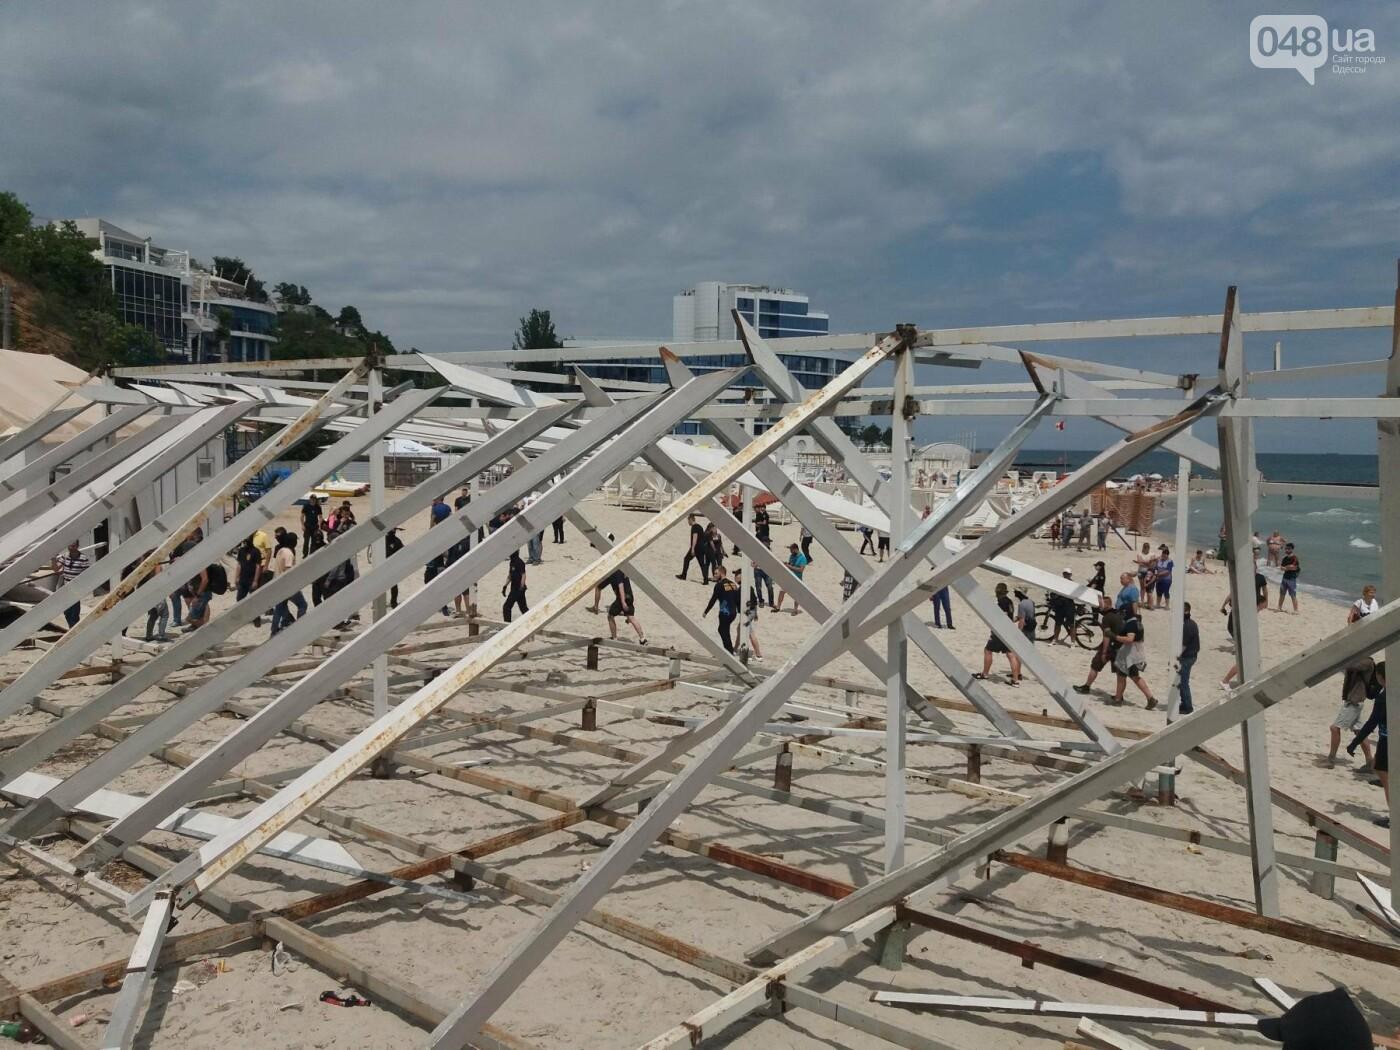 На Одесском пляже прошла акция по демонтажу незаконного сооружения, - ФОТО, ВИДЕО, фото-11